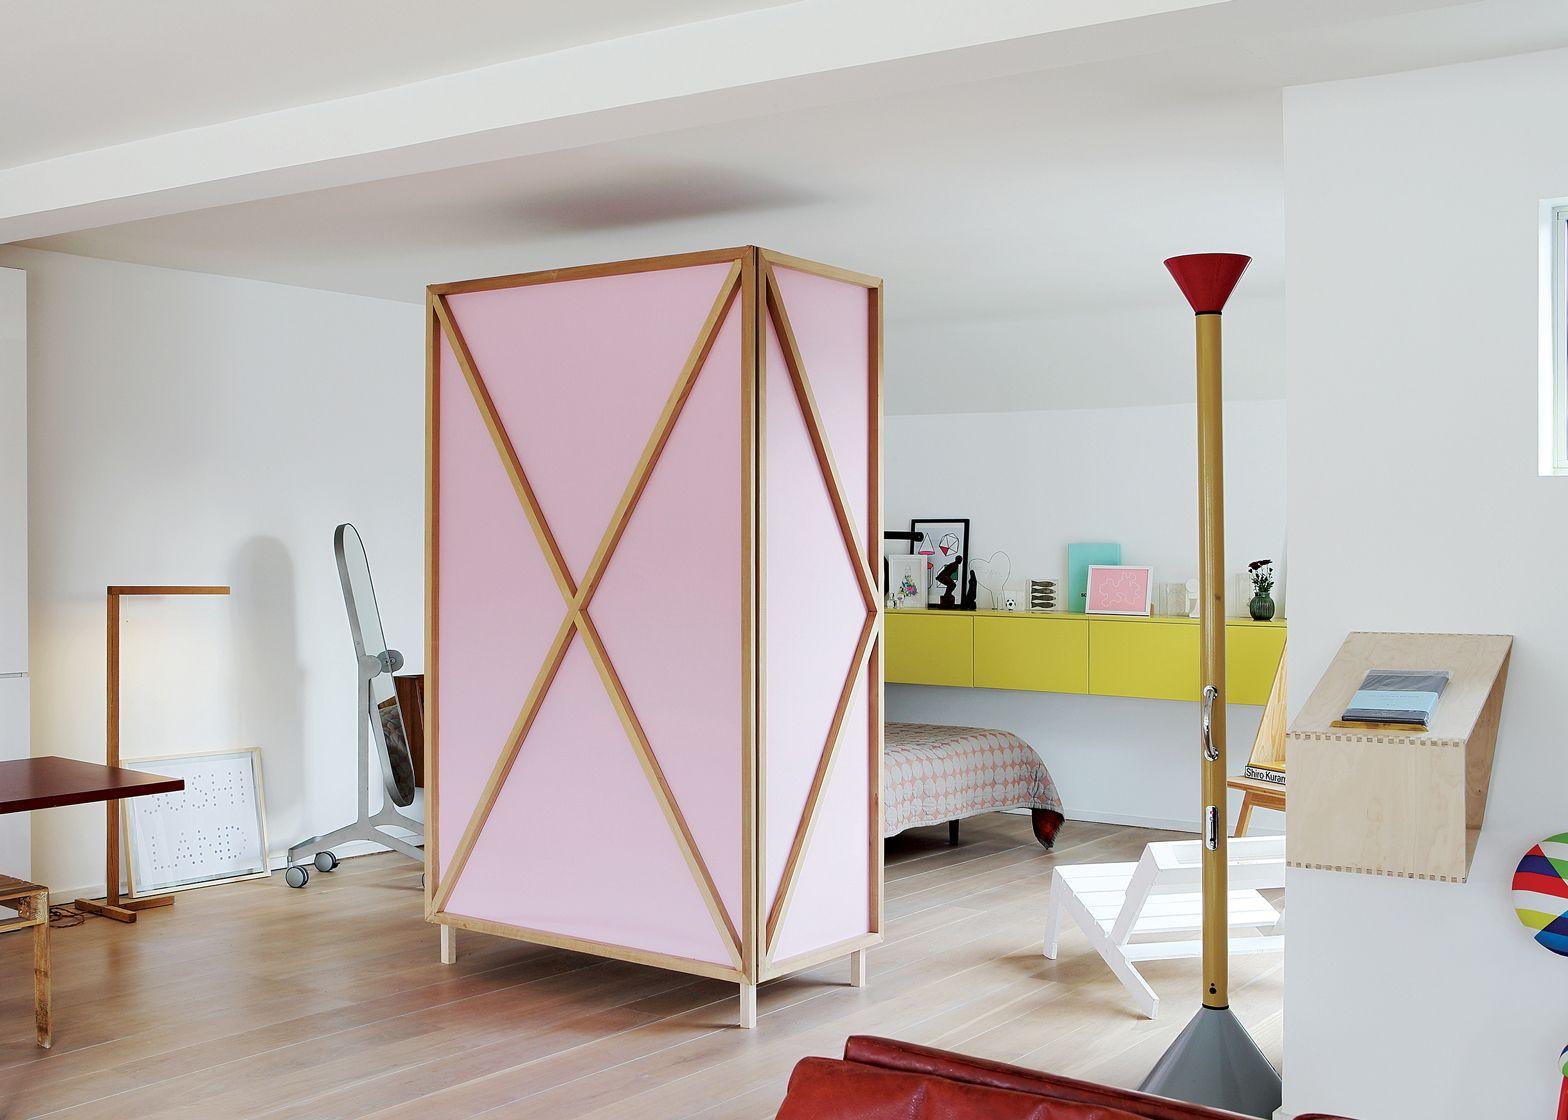 Pin by hdinterior on bedroom en pinterest wardrobe wall room